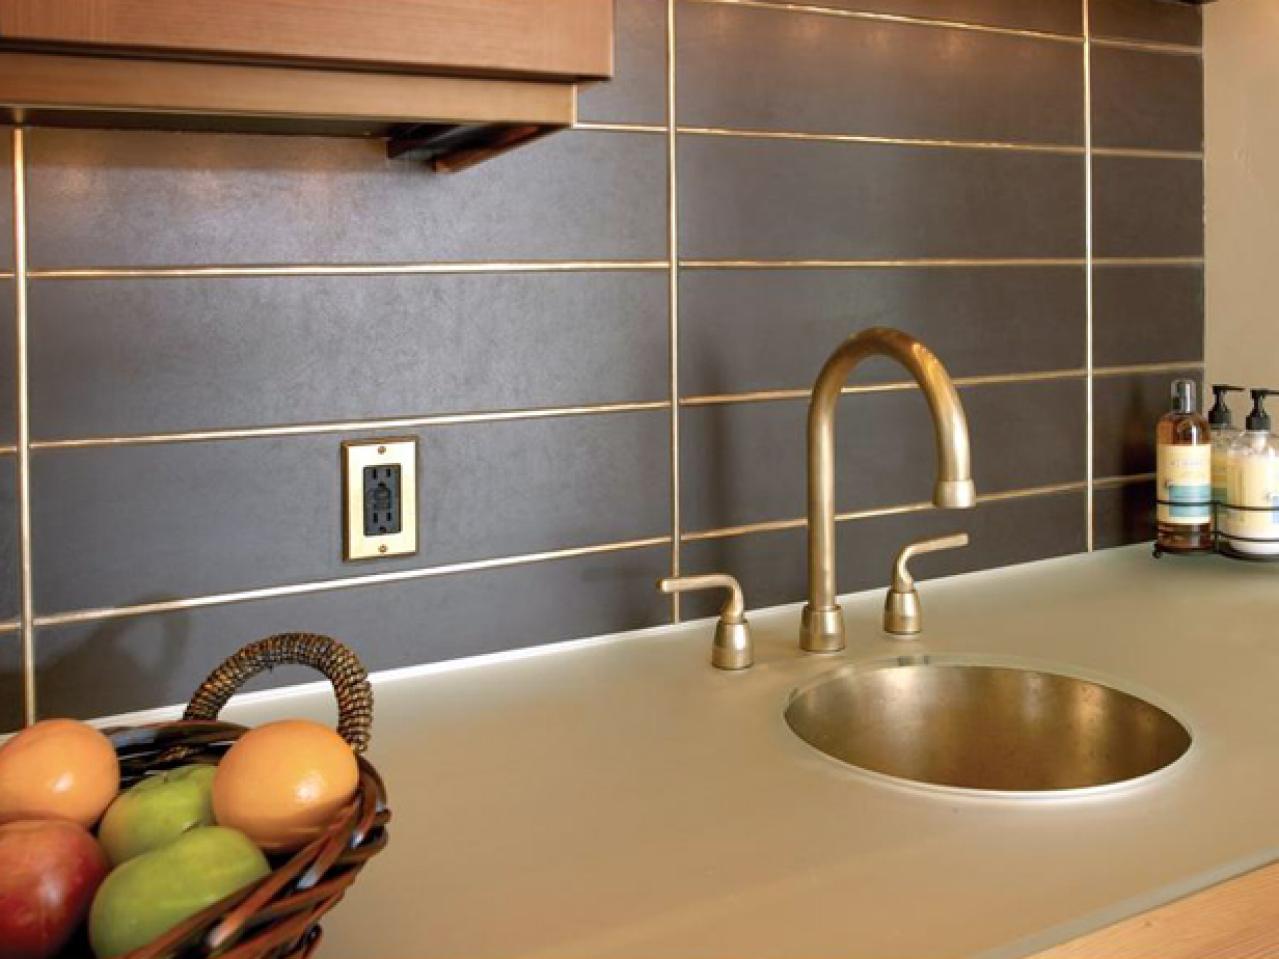 Grembiule nella cucina di piastrelle piastrelle sul grembiule per